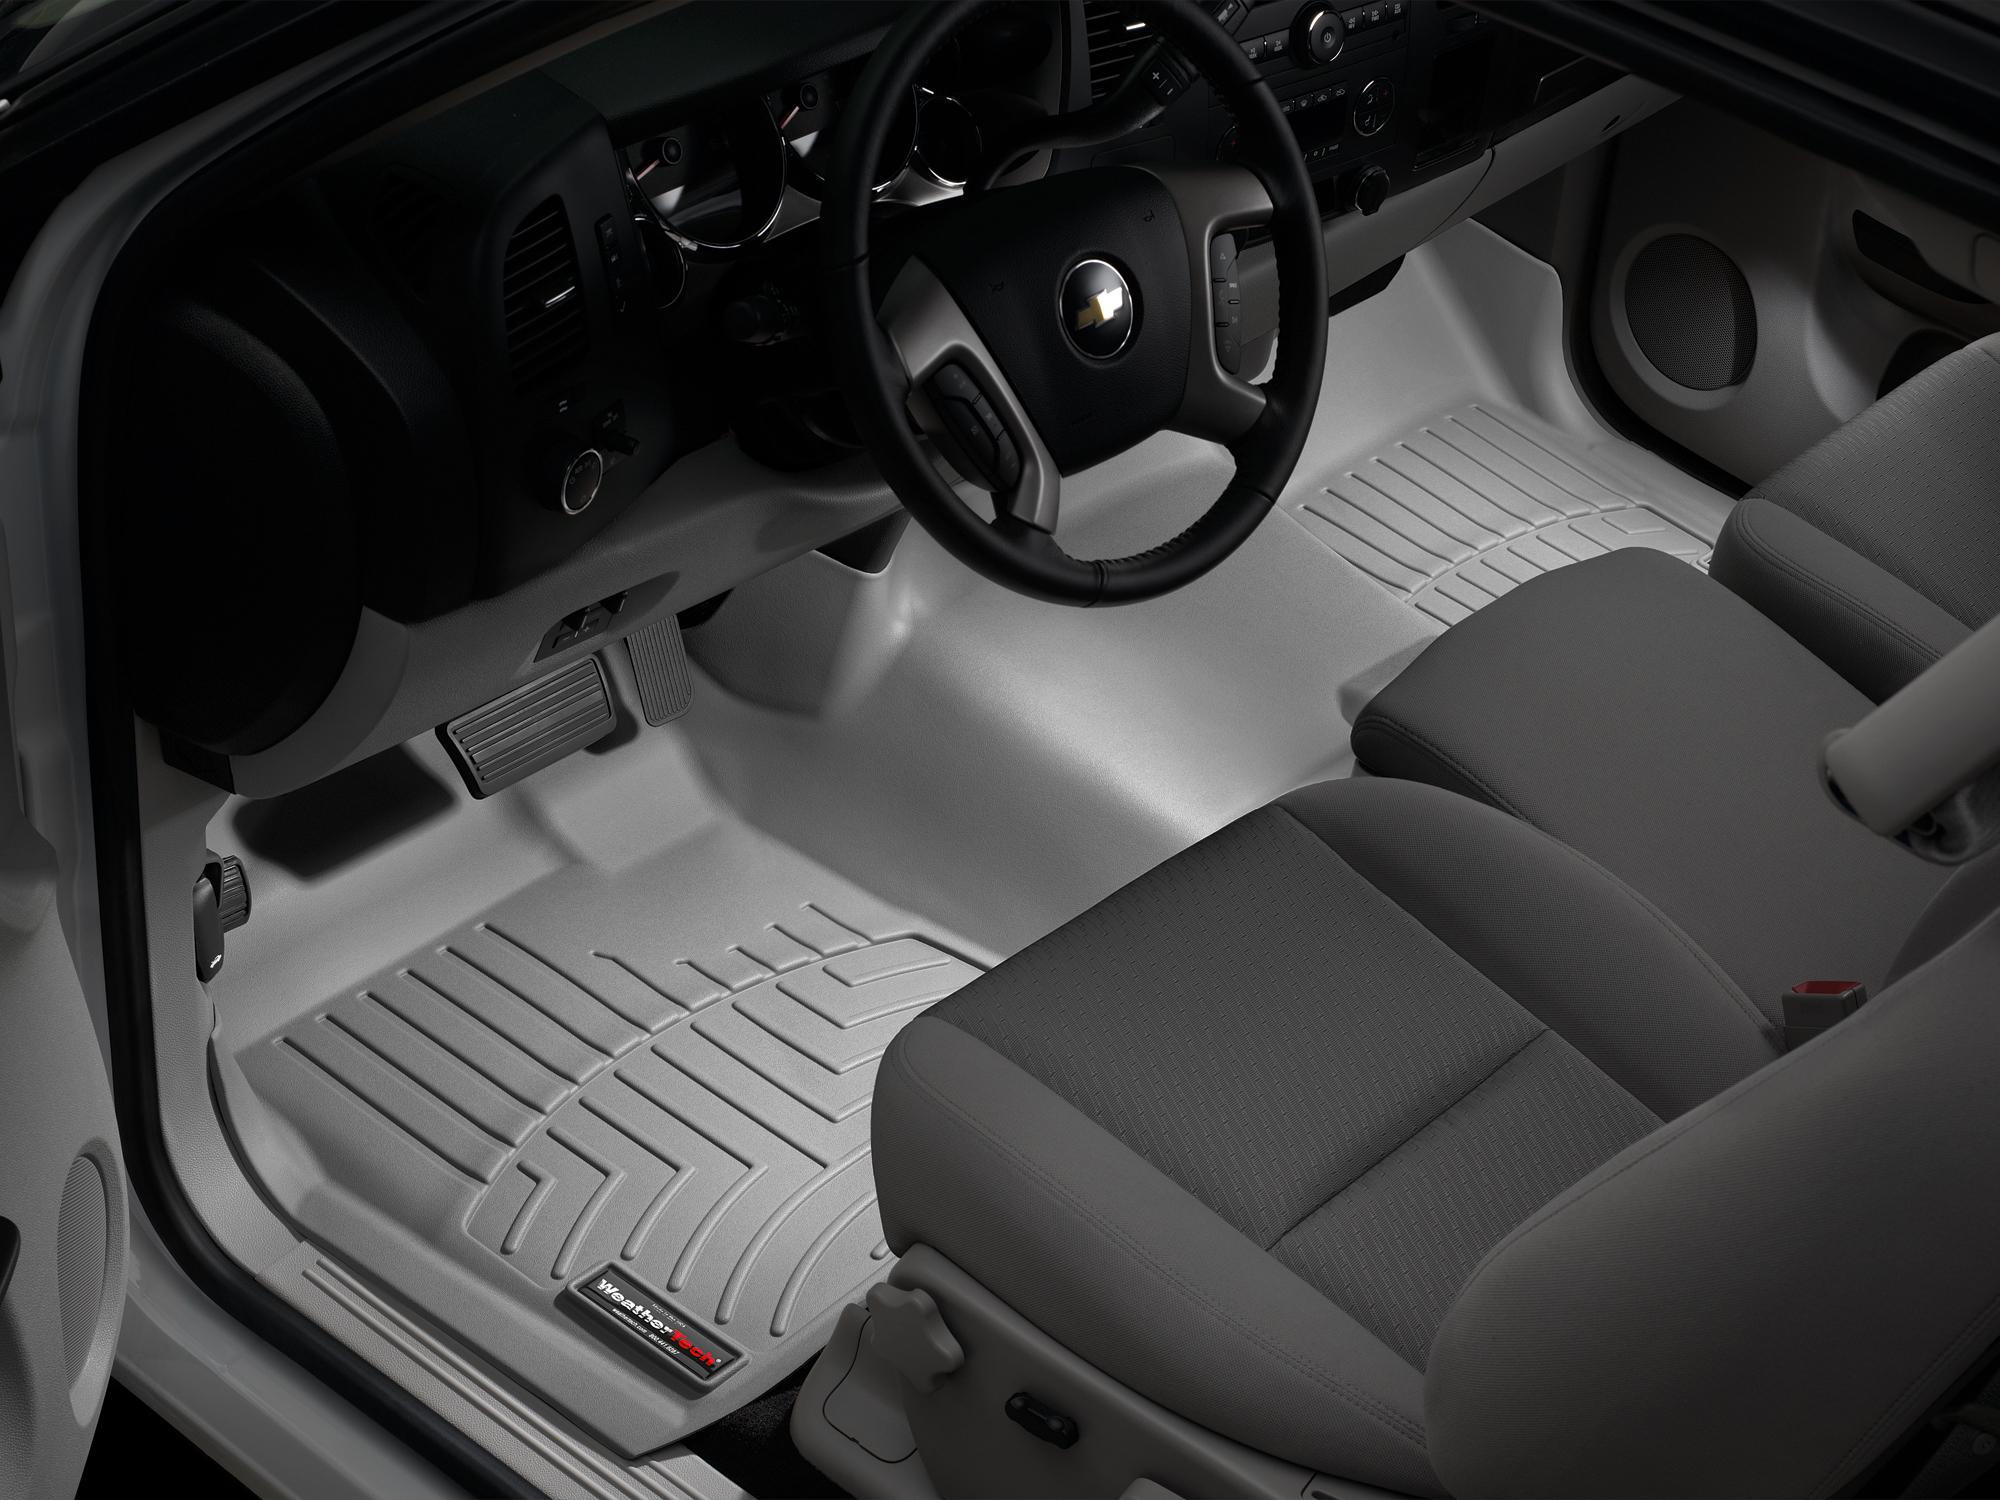 Tappeti gomma su misura bordo alto Chevrolet Silverado 14>14 Grigio A183